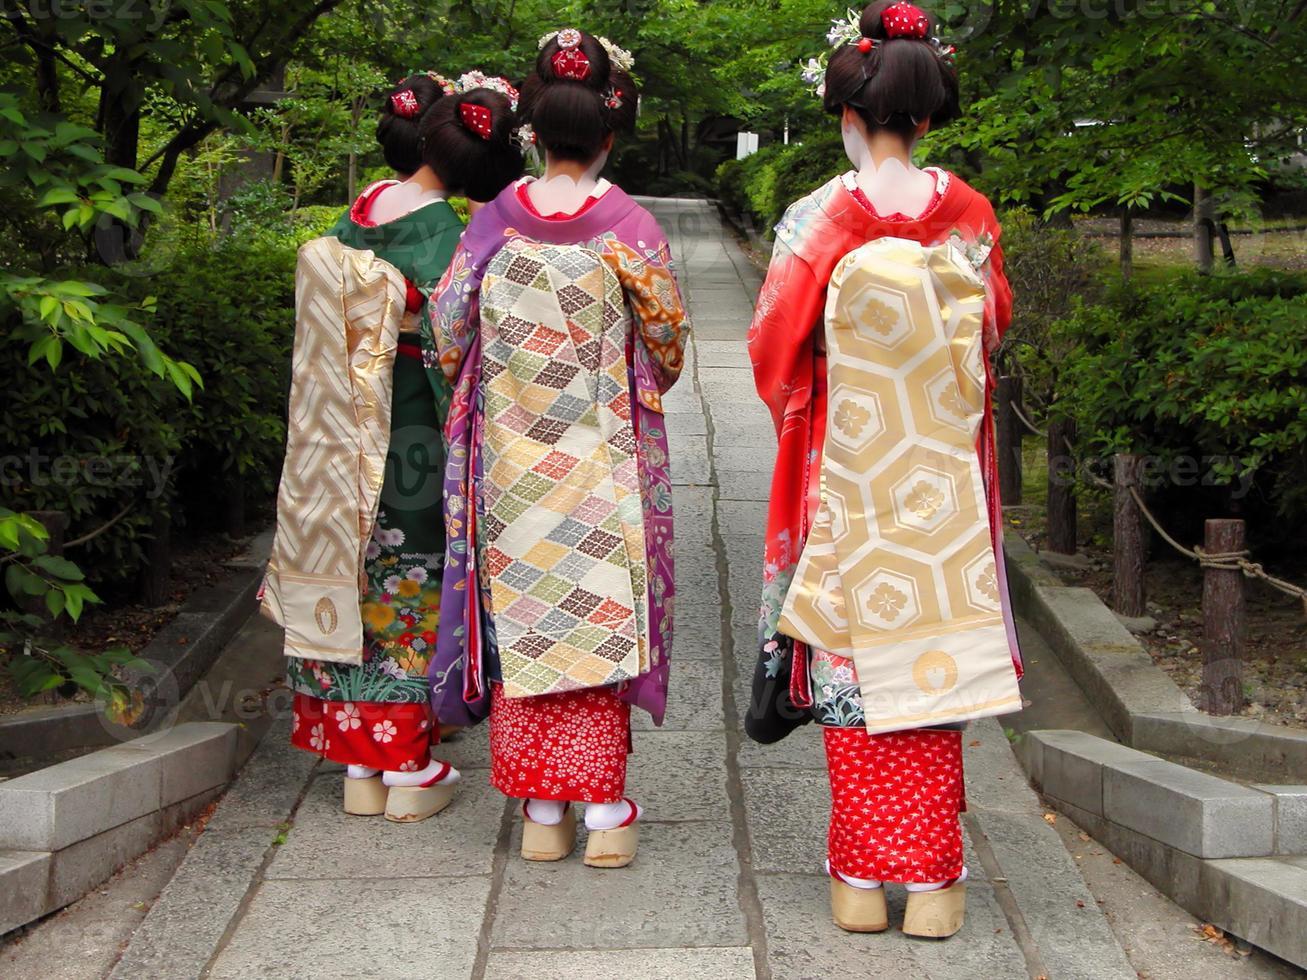 une vue arrière de trois filles geisha photo